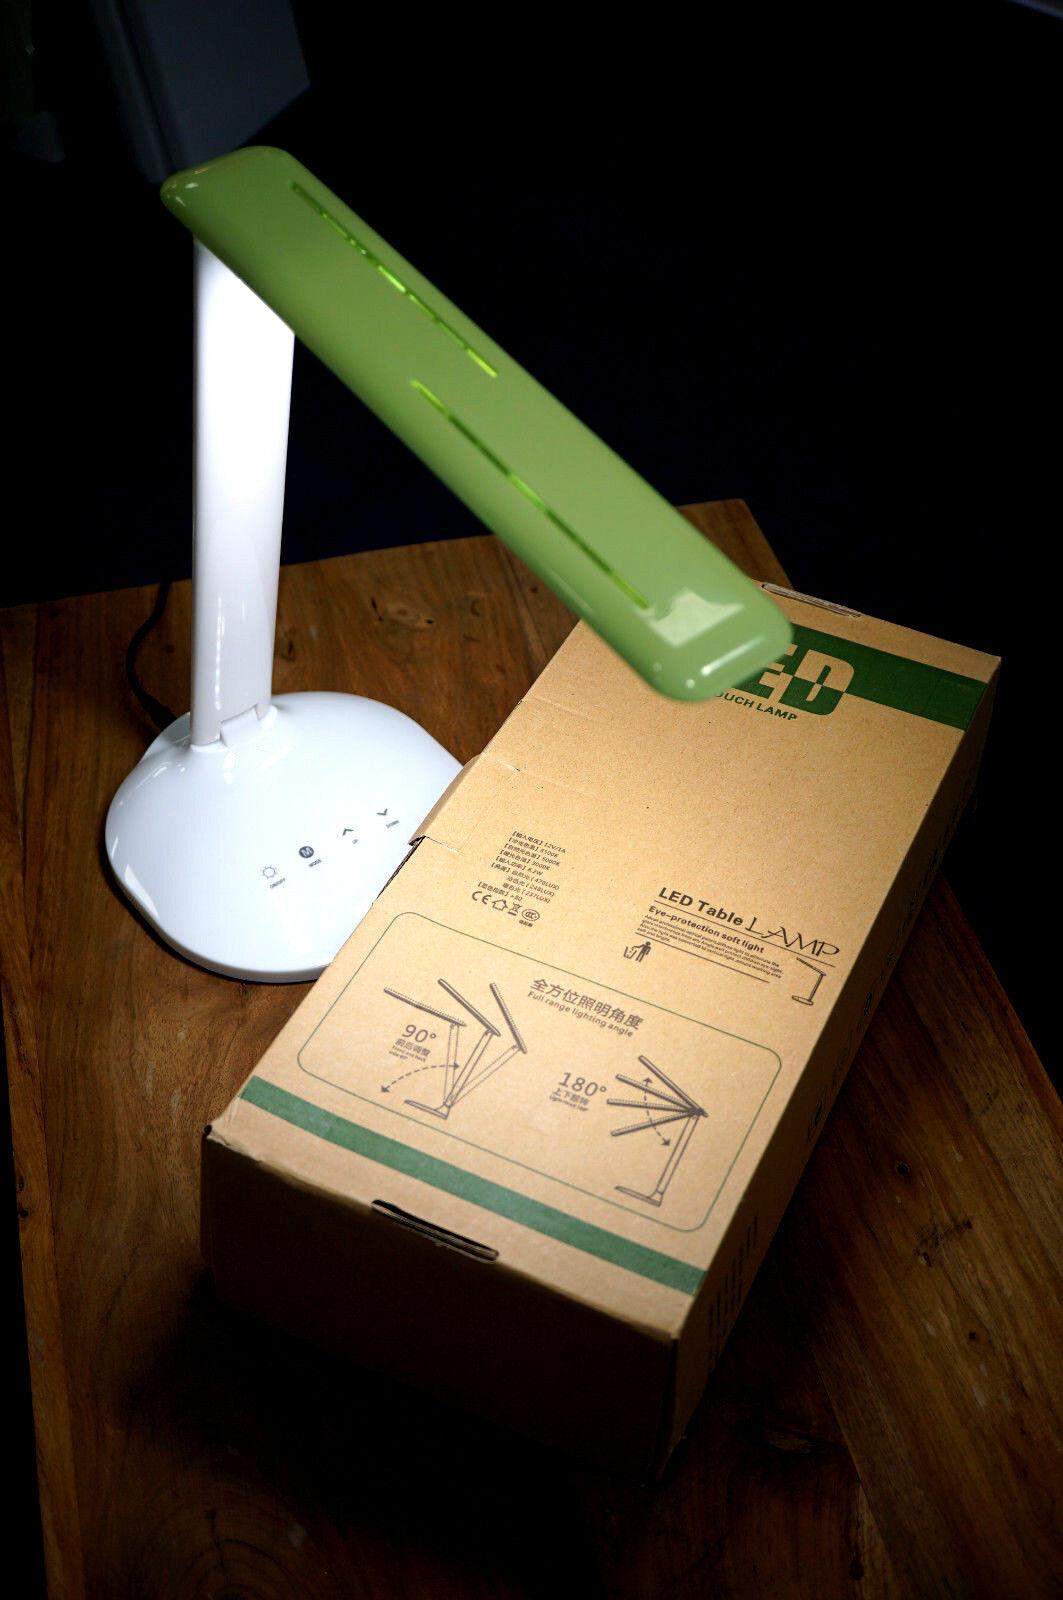 LED Bindelampe green 3 Lichtstufen 2 Lichtfarben multi verstellbar EU Plug AC DC